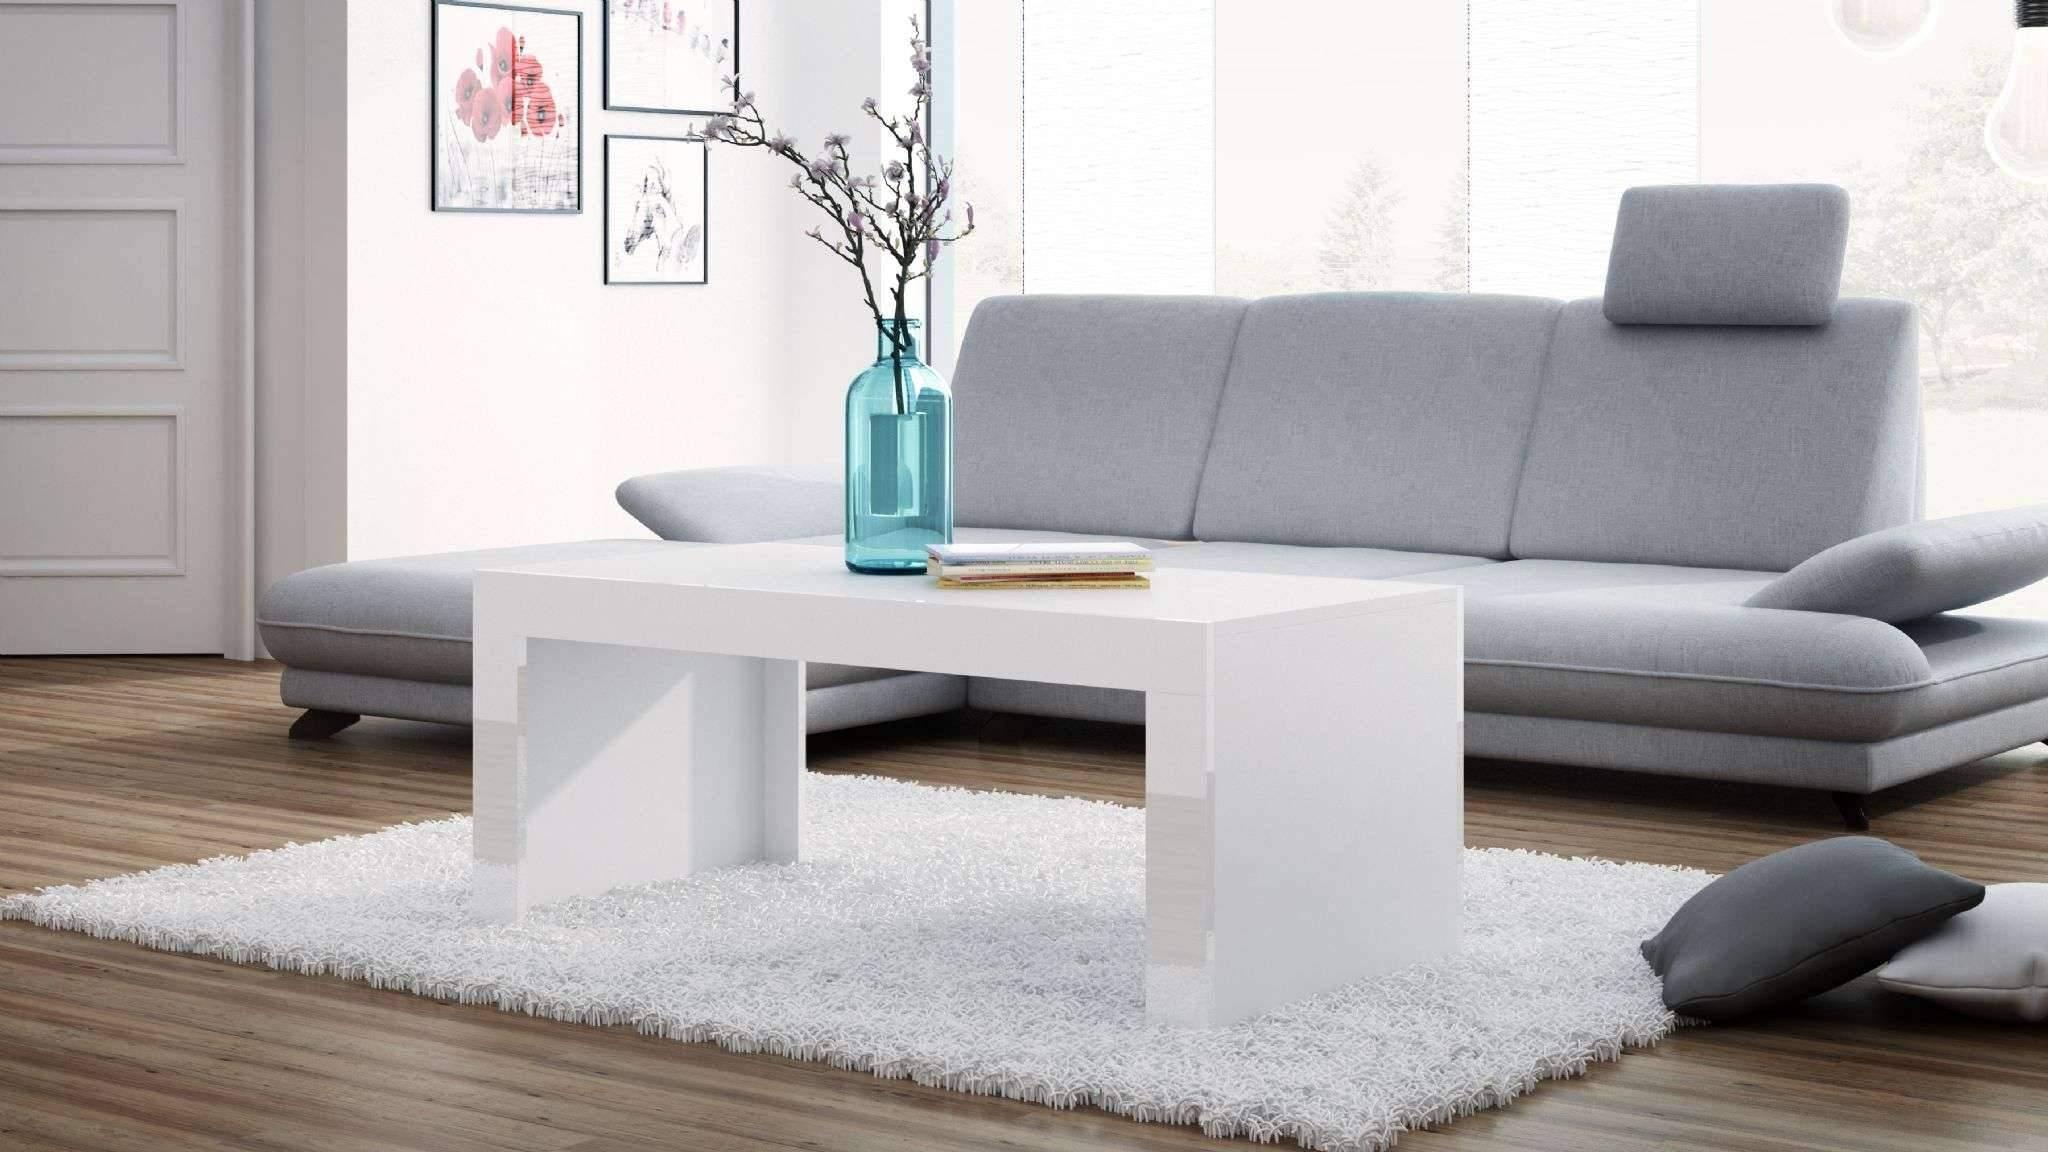 deko wohnzimmer modern reizend brassicas of deko wohnzimmer modern